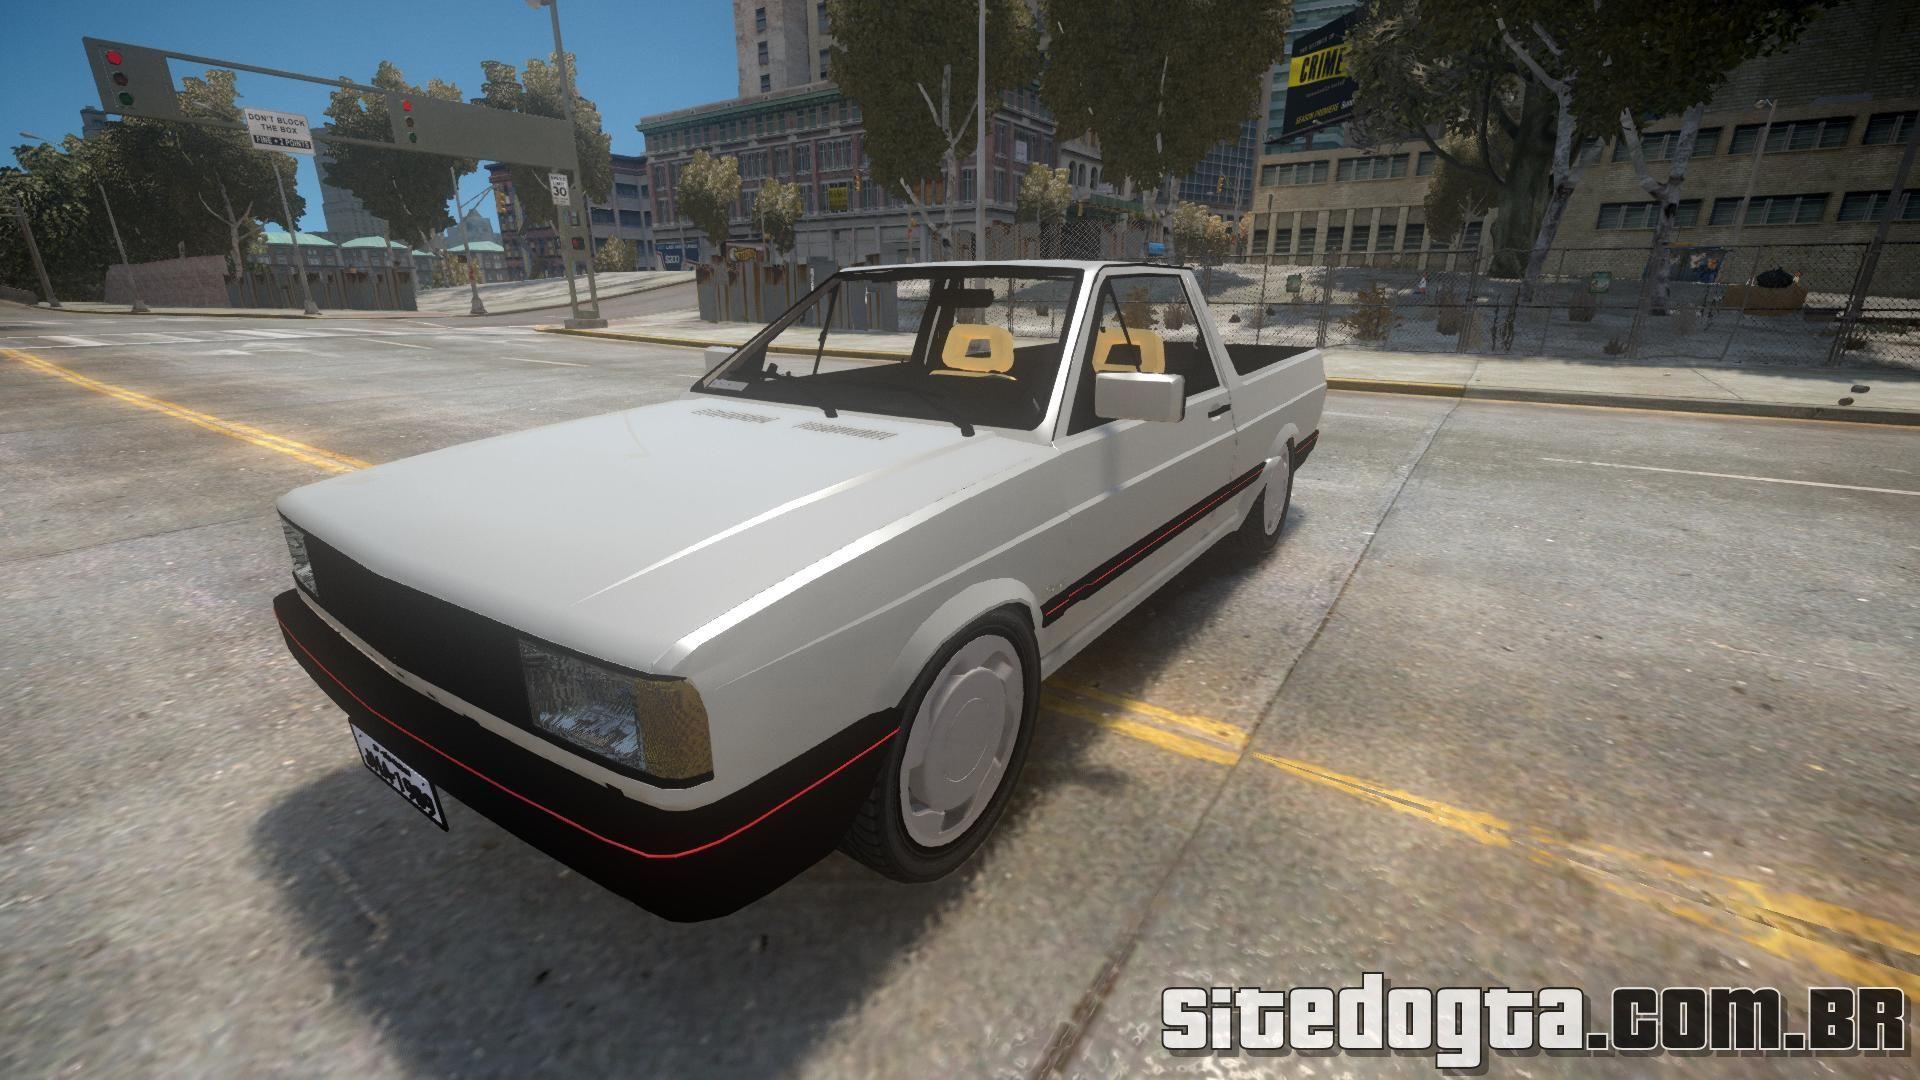 Carro brasileiro Volkswagen Saveiro 1990 Turbo para GTA IV | Site do GTA